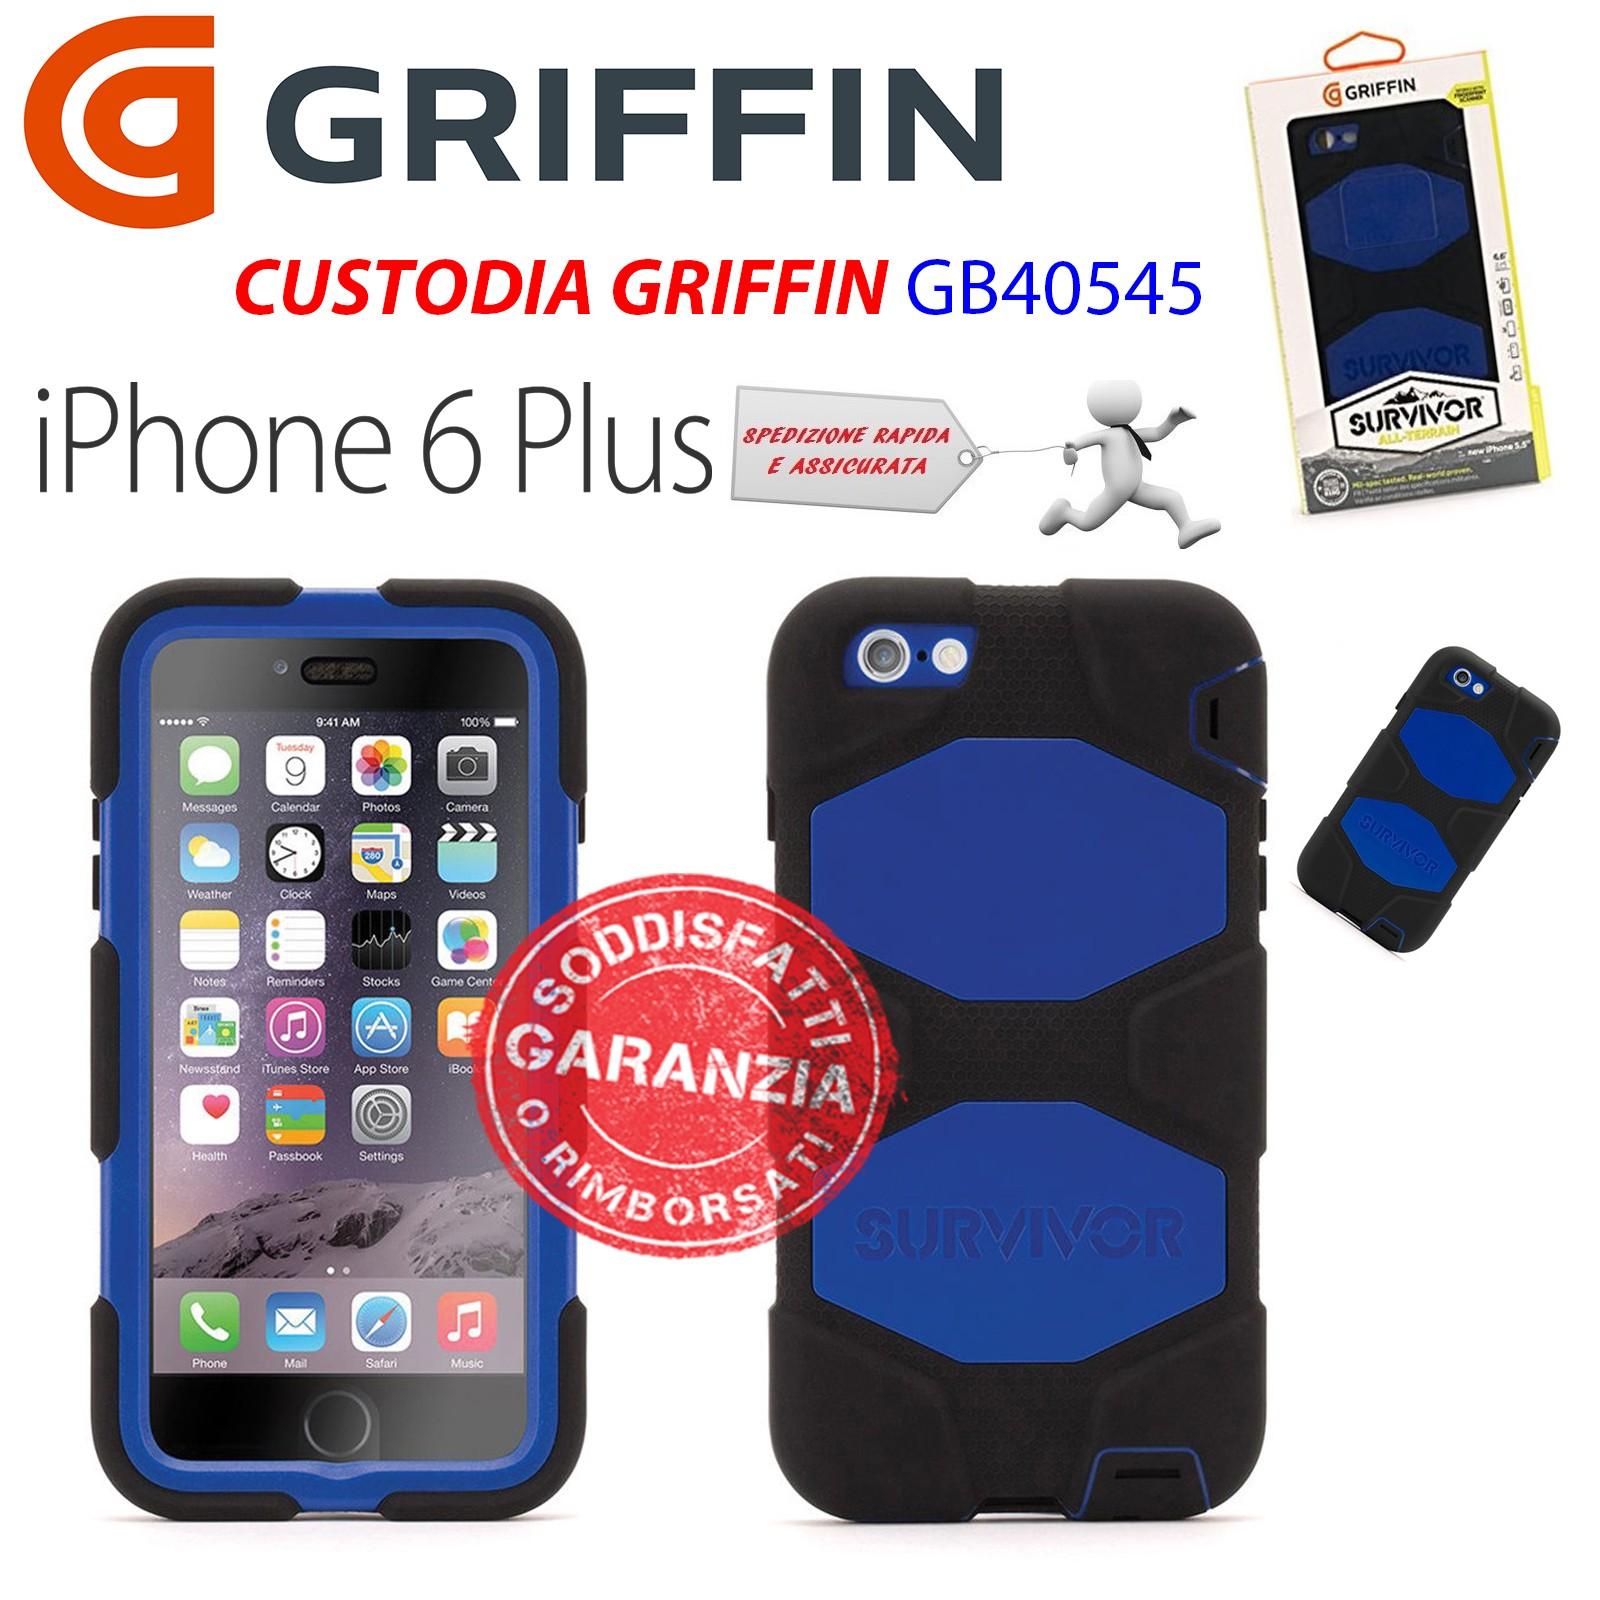 custodia griffin iphone 6